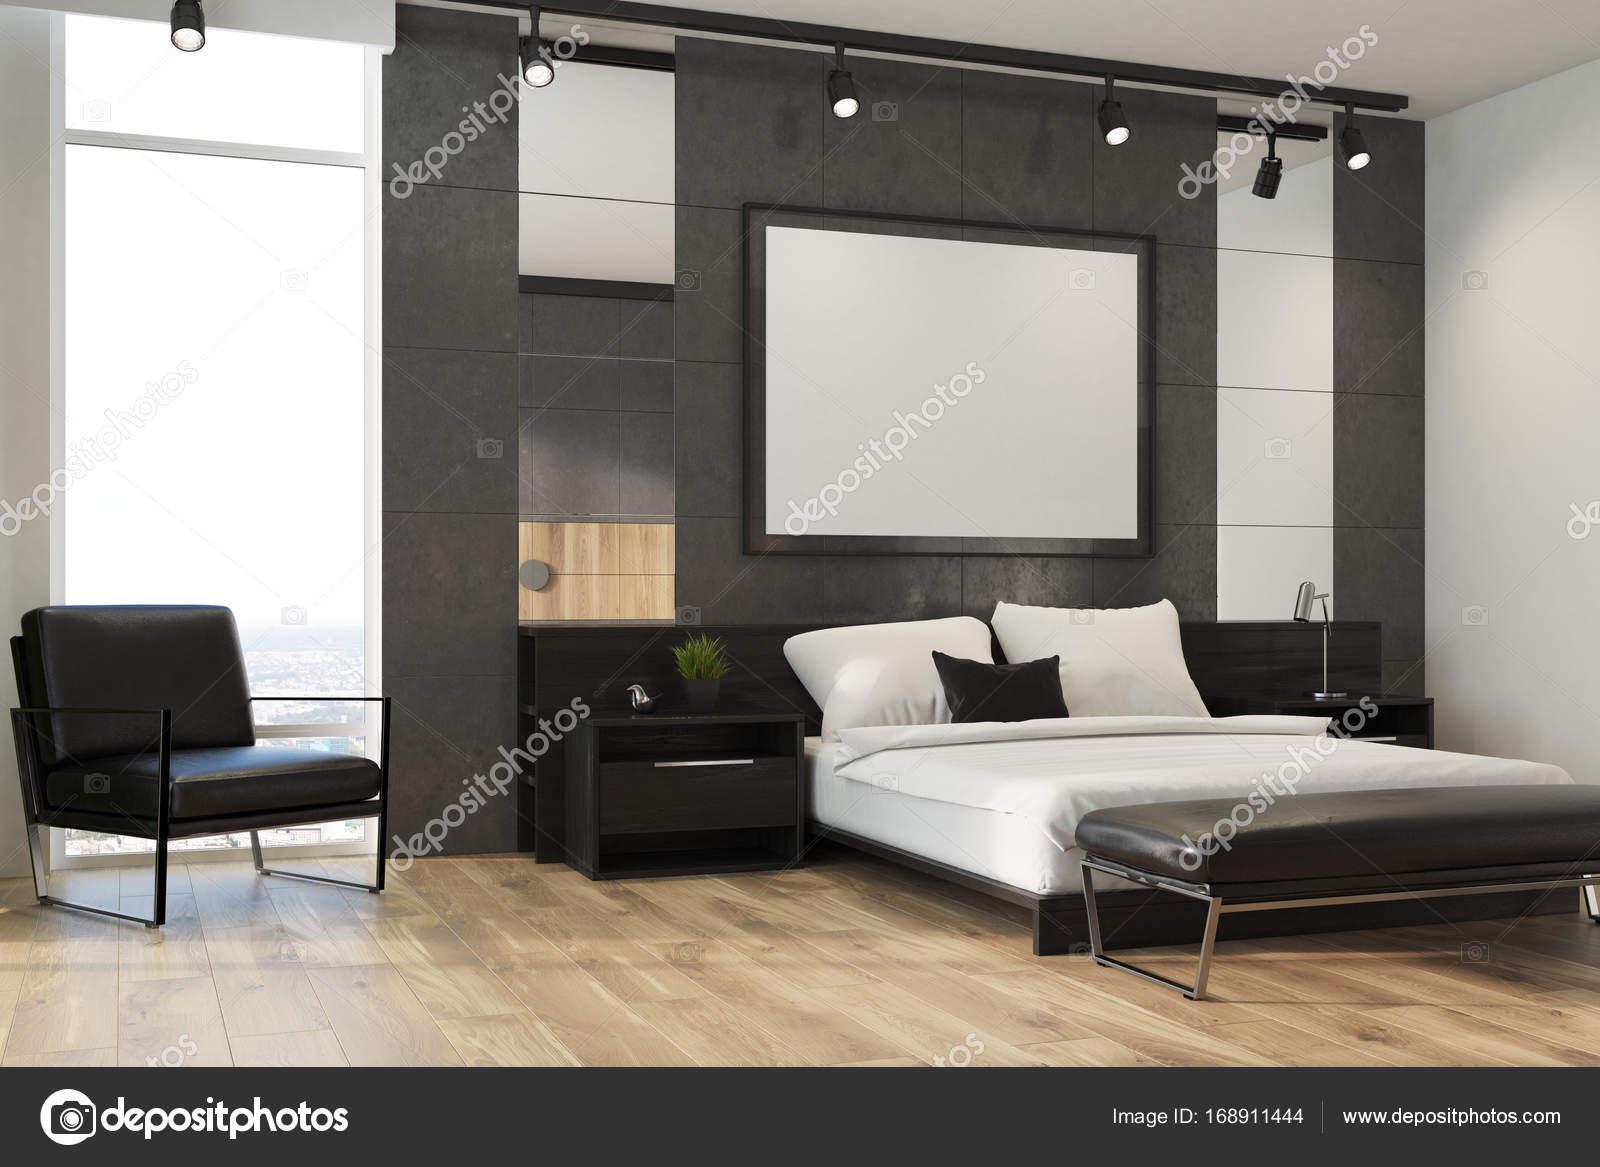 Grijze slaapkamer interieur, poster, leunstoel — Stockfoto ...